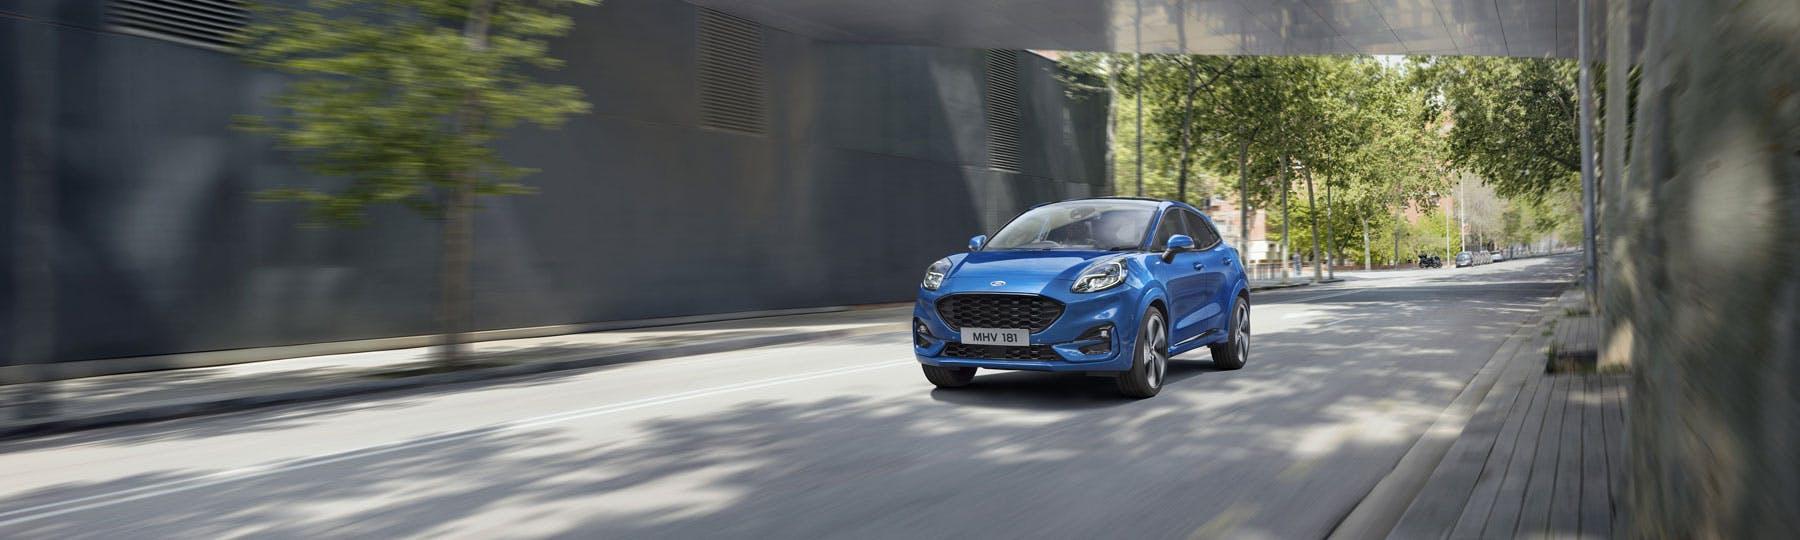 New Ford Puma Motability